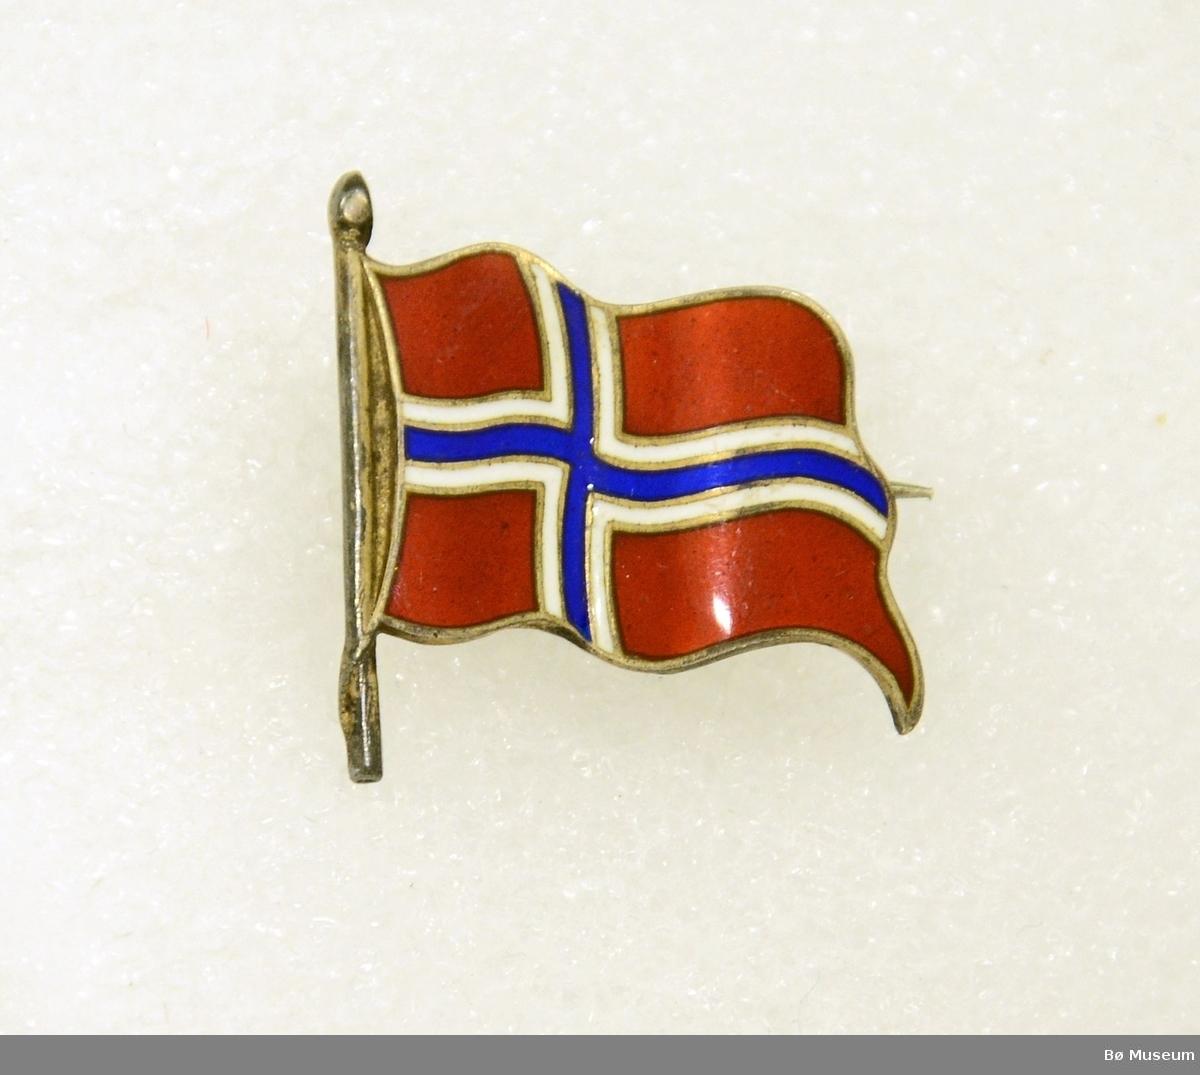 Pin - uten innskrift: Forestiller det norske flagget. I metall og emalje. Med nål bak.